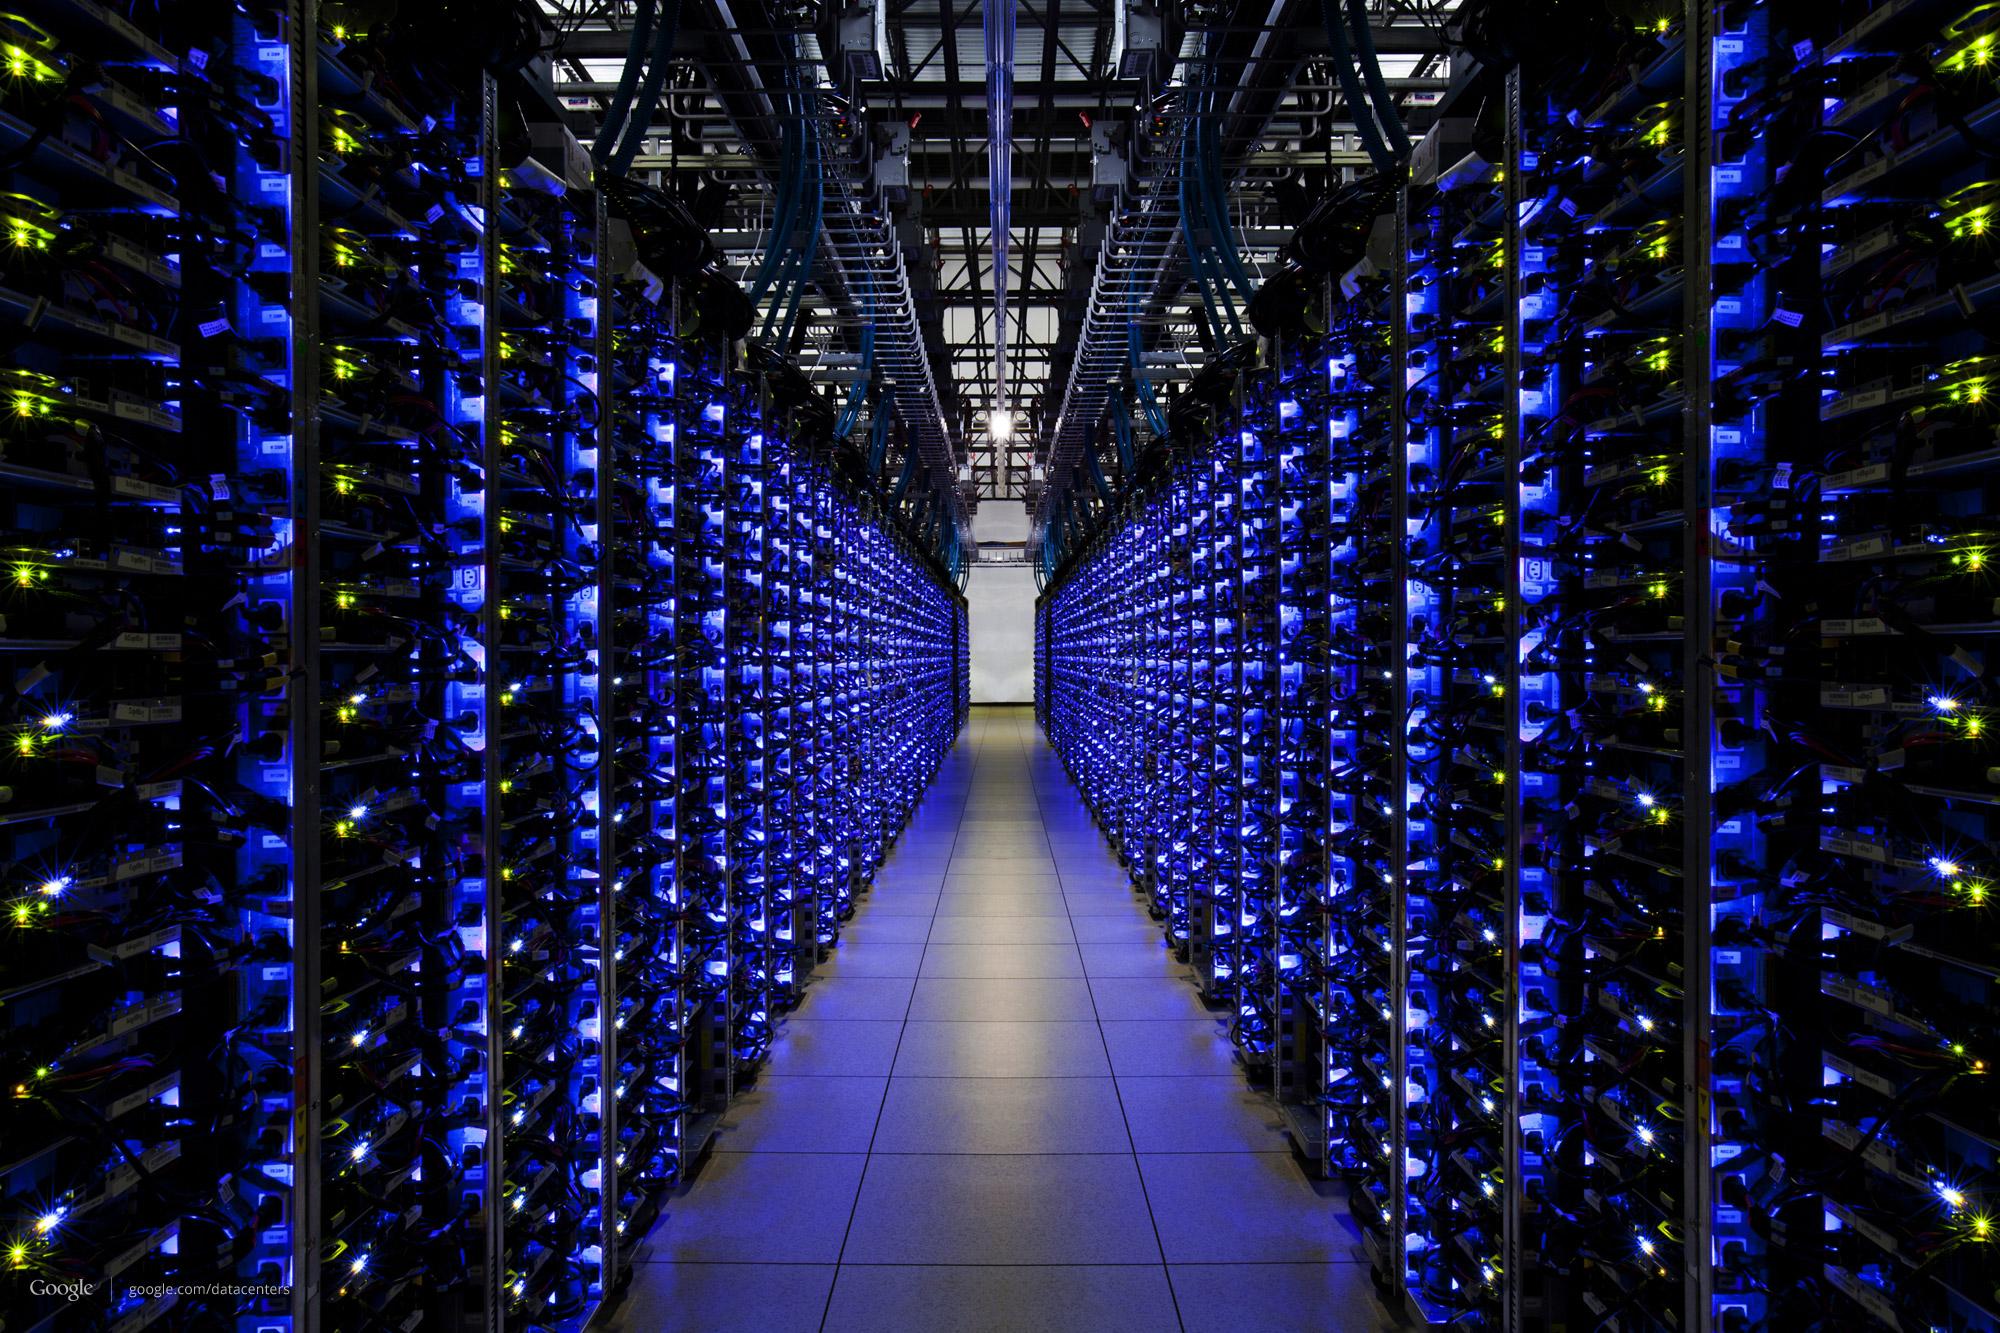 fedb08a6d0f No final das contas, um Data Center é o que possibilita a continuidade de  serviços que rodam integralmente ou parcialmente na internet, por exemplo.